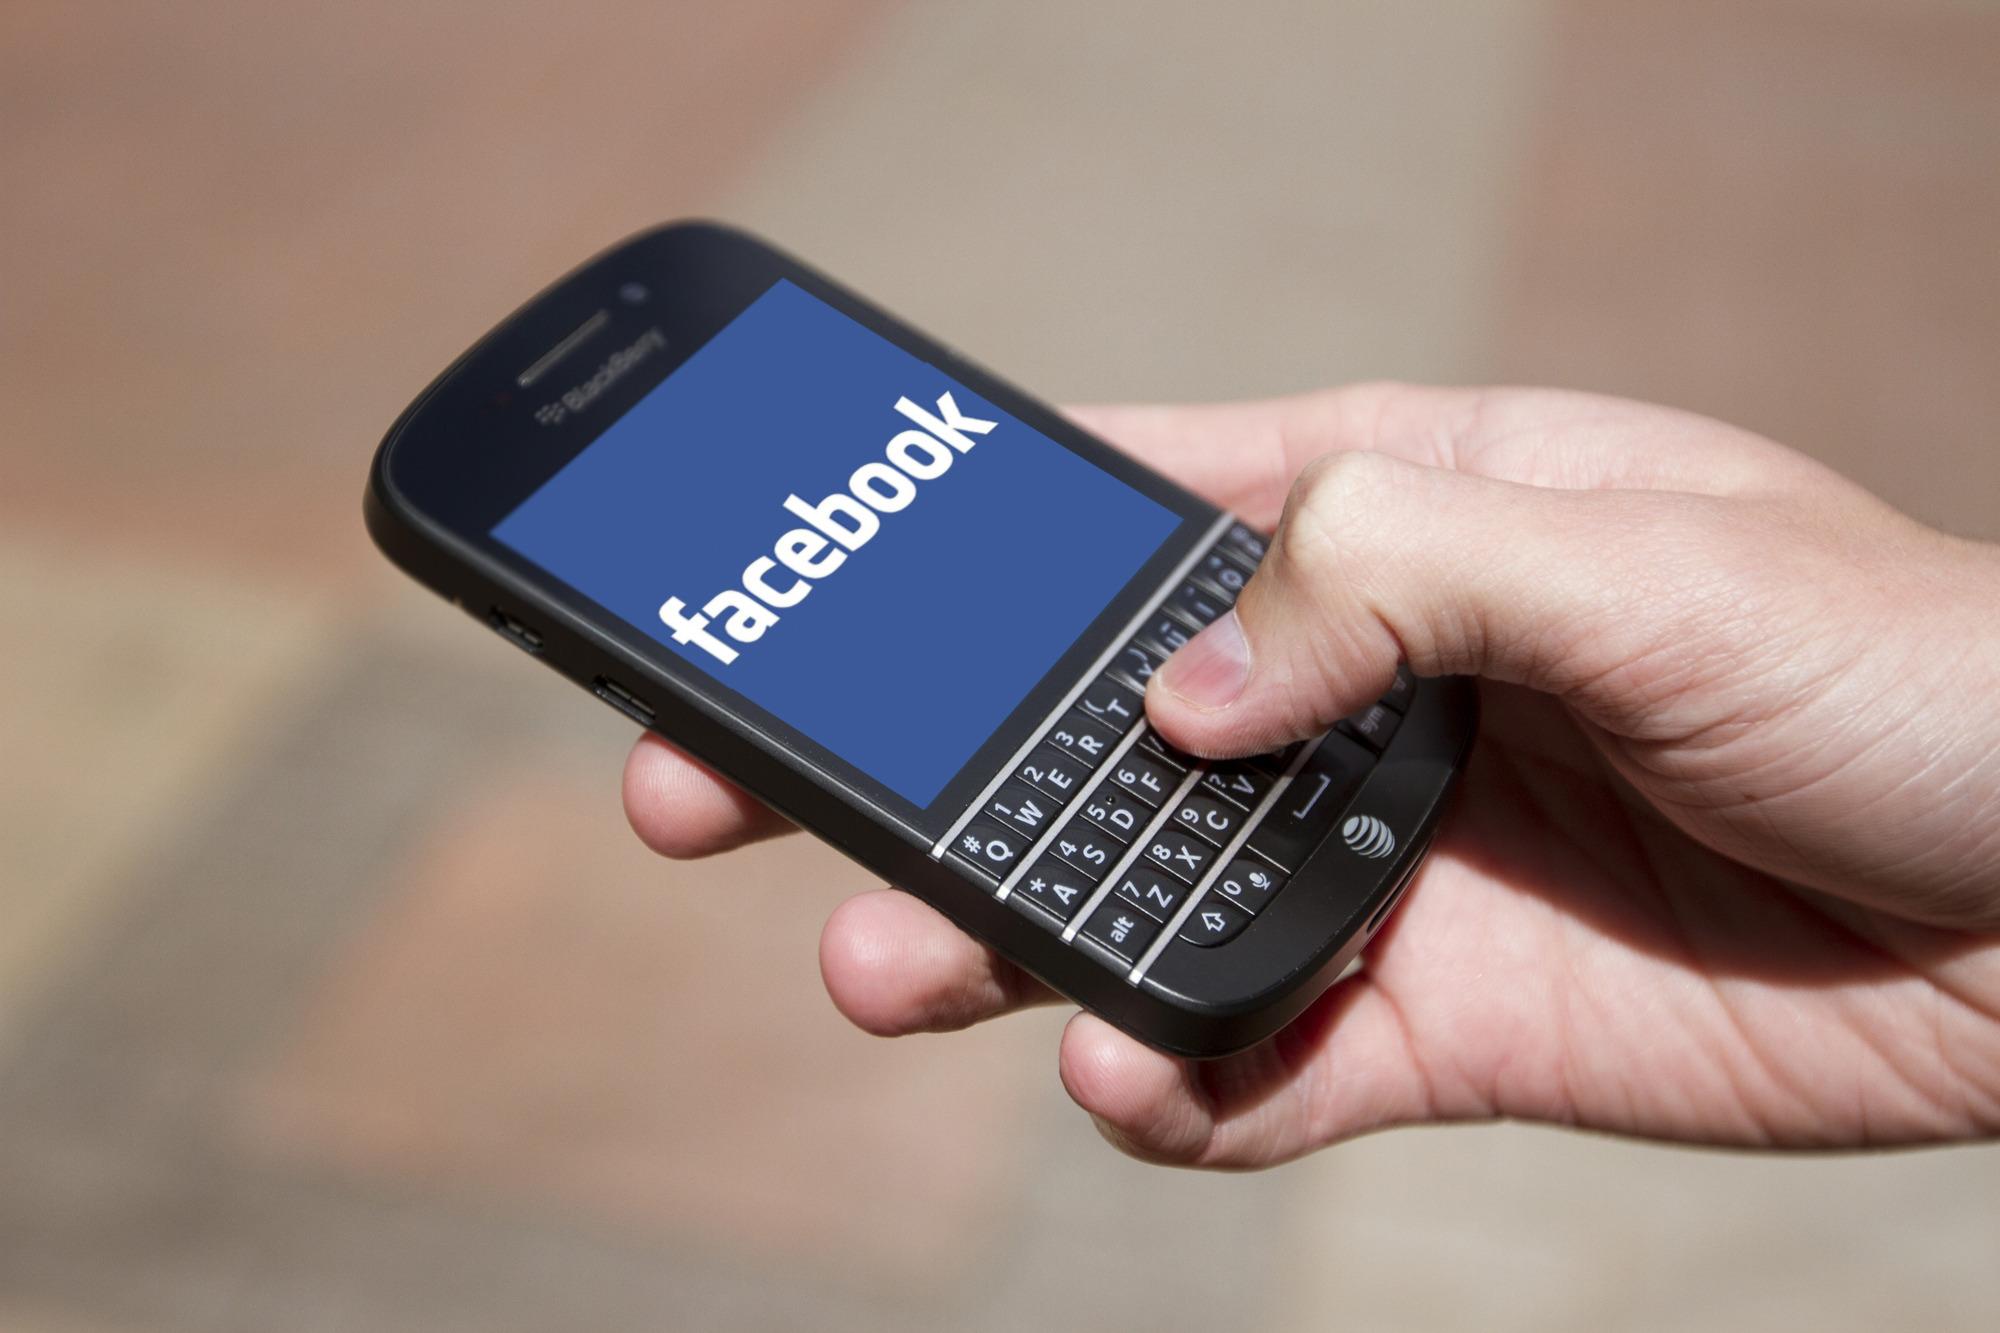 شركة فيسبوك تتهم بلاك بيري بالتعدي وسرقة تقنيتها الخاصة بالرسائل الصوتية